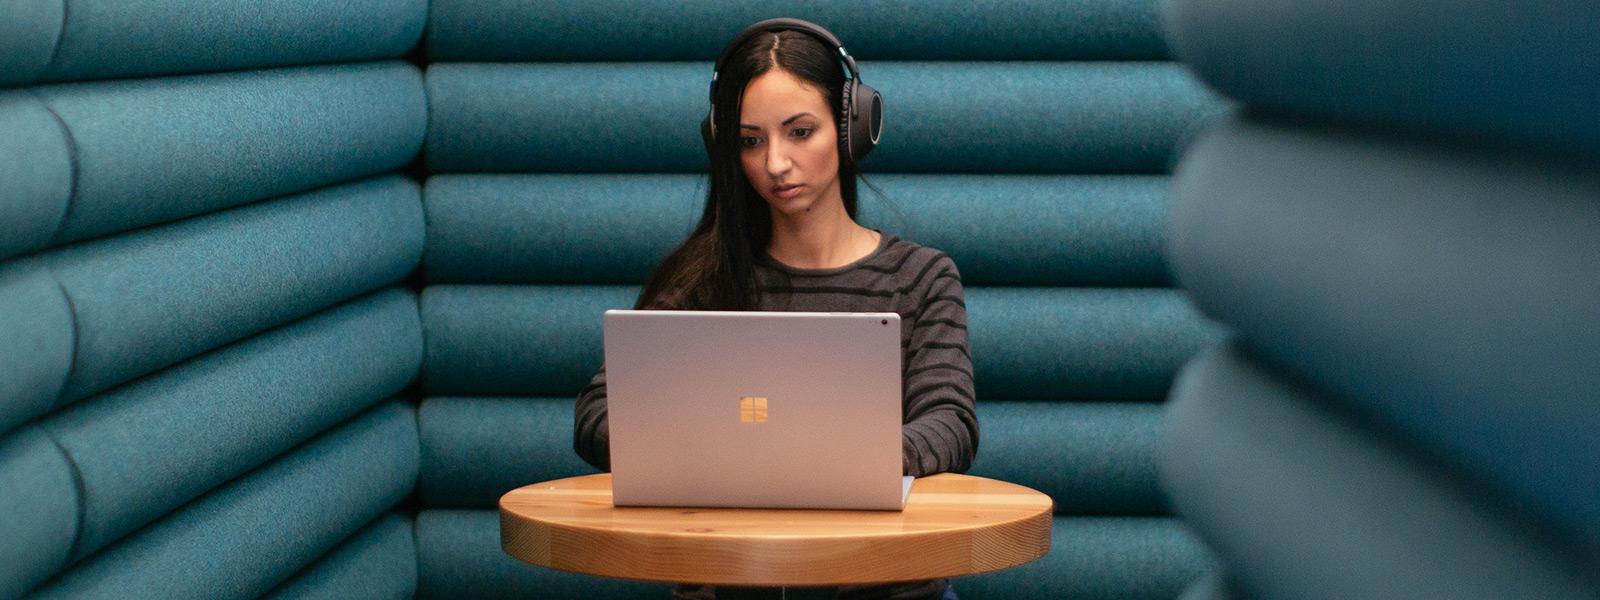 一名女士戴著耳機獨自靜坐,她正使用 Windows 10 電腦進行工作